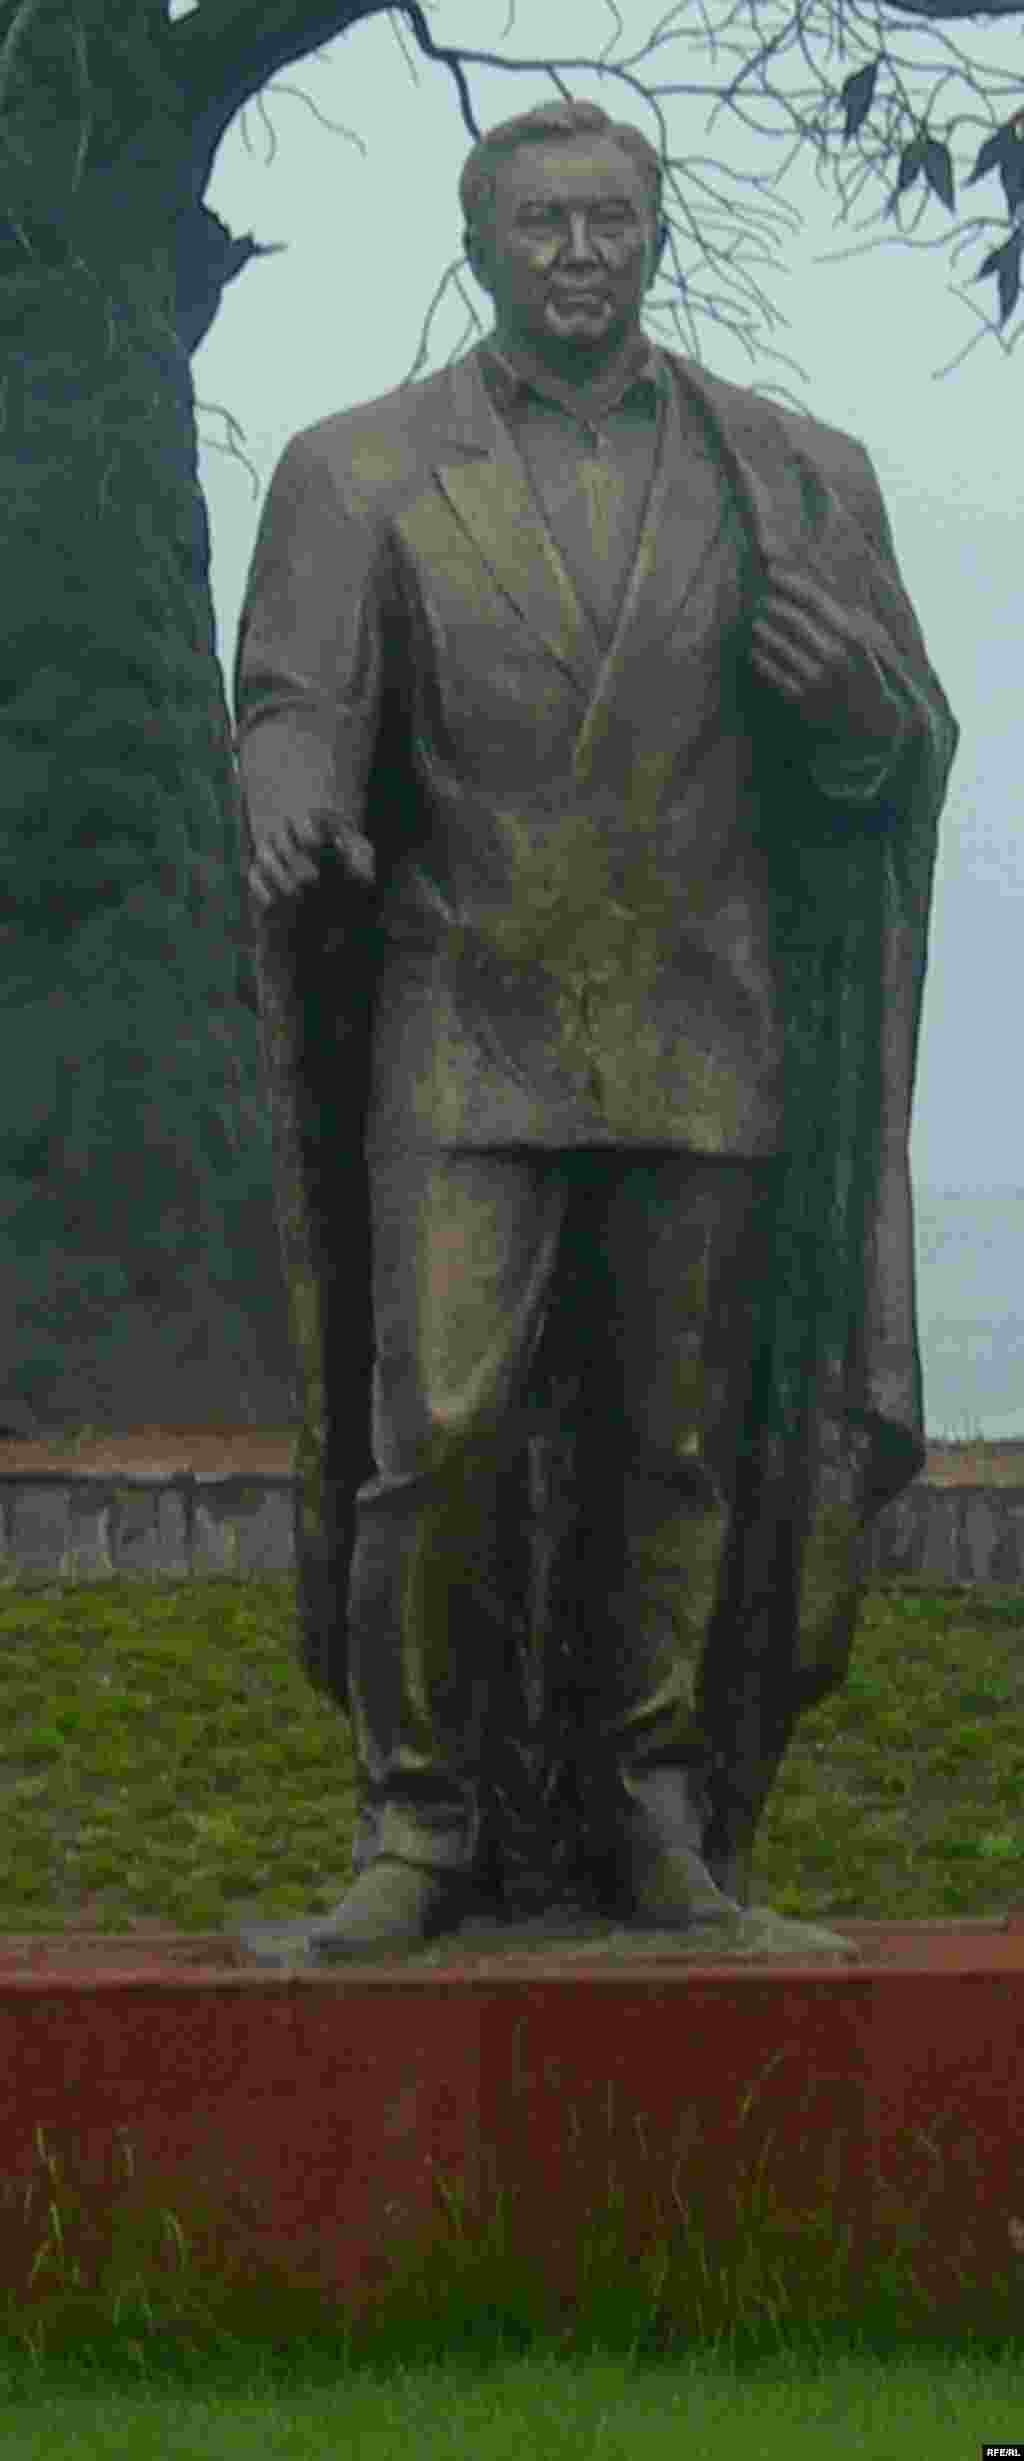 Памятник Назарбаеву на территории культурно-этнографического комплекса «Рух-Ордо» имени Чингиза Айтматова на берегу Иссык-Куля. Чолпон-Ата, июнь 2007 года.